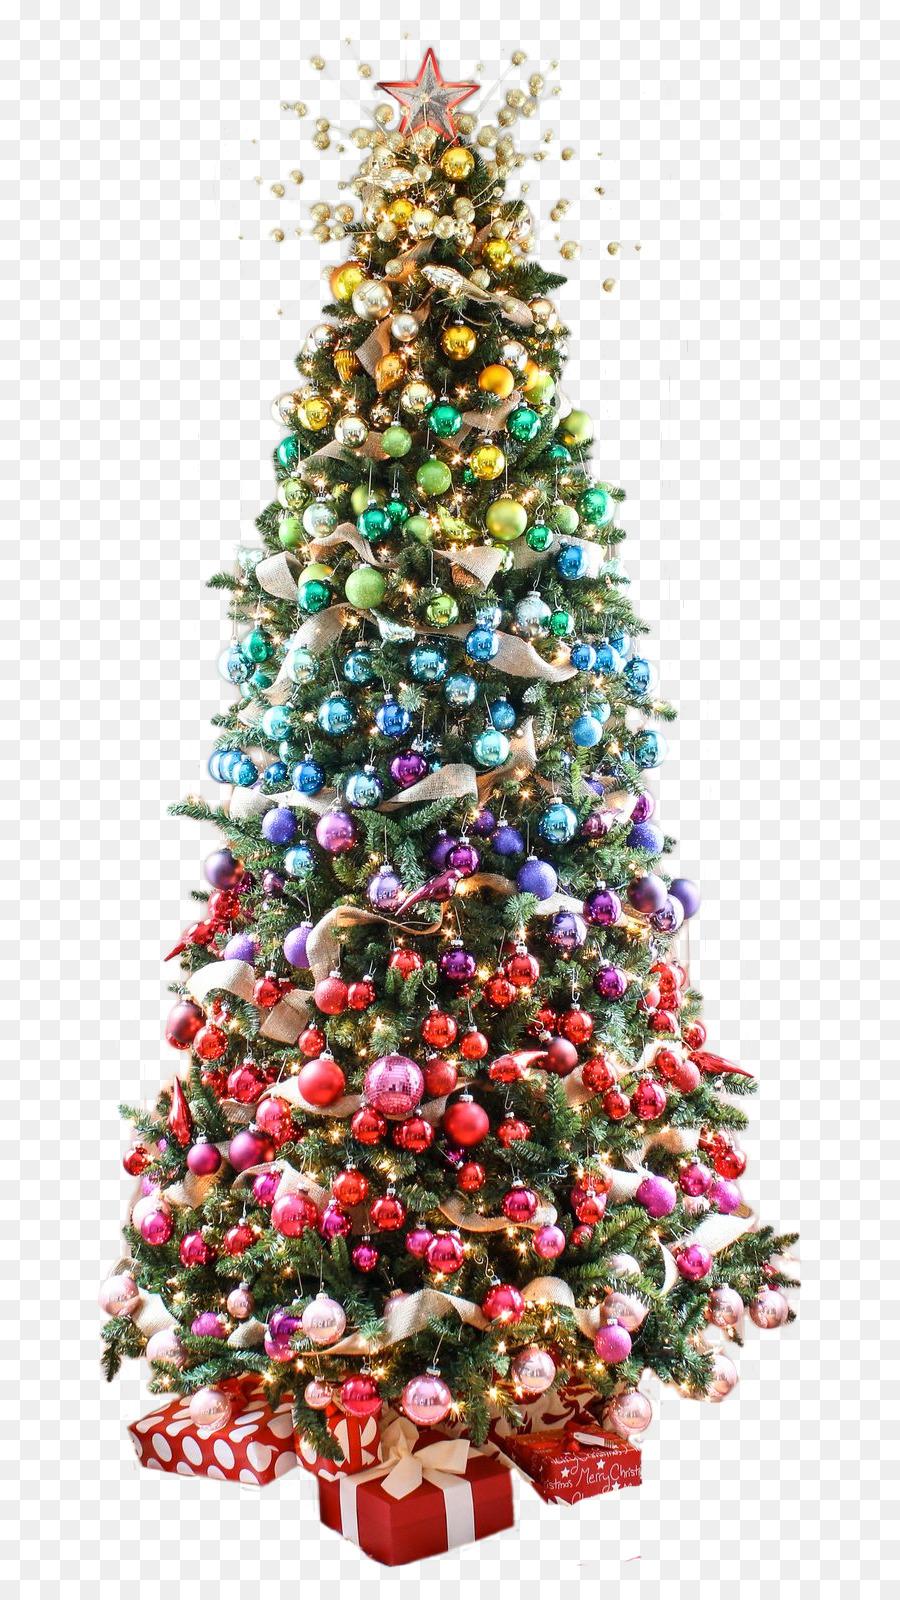 Descarga gratuita de árbol De Navidad, La Navidad, árbol De Navidad Artificial Imágen de Png